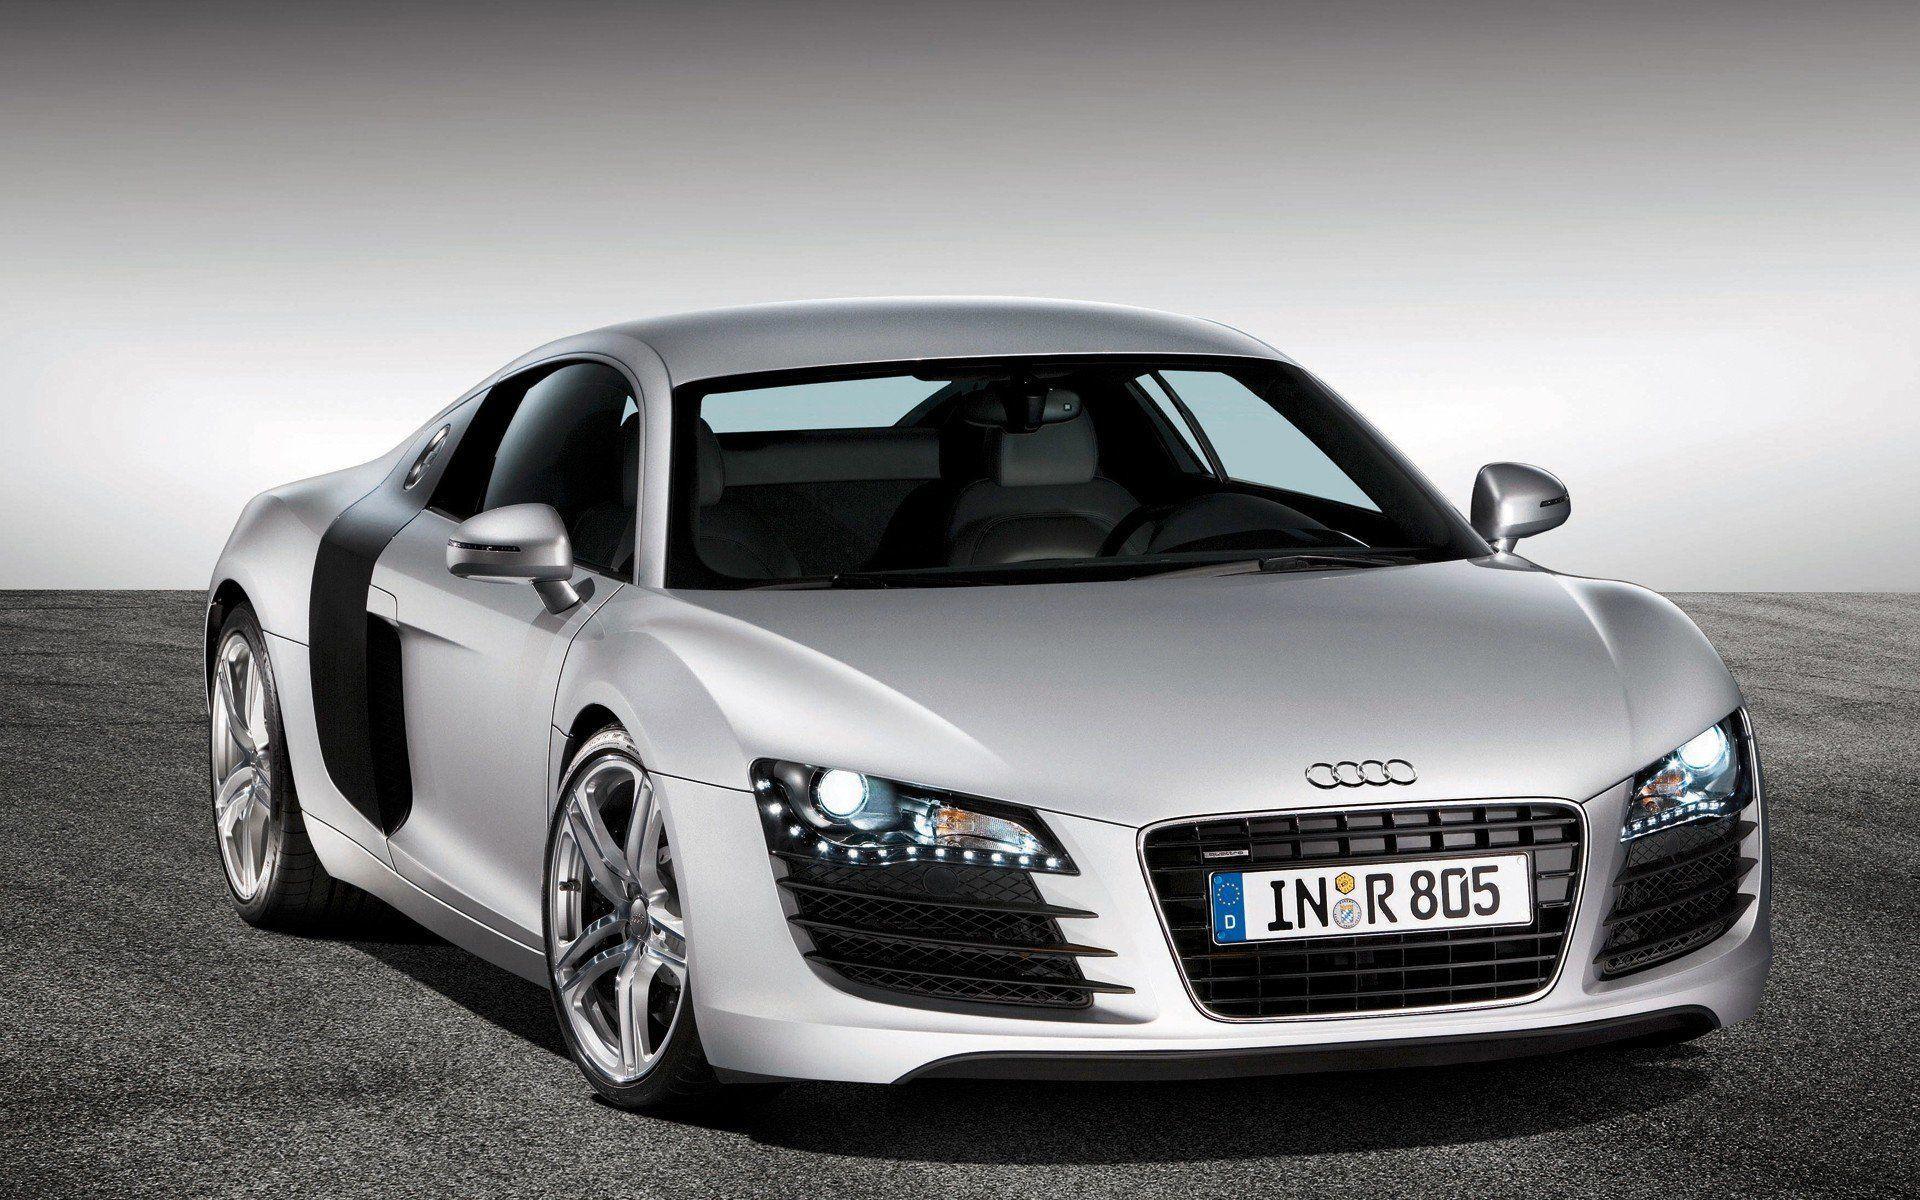 Kelebihan Kekurangan Audi R9 Top Model Tahun Ini